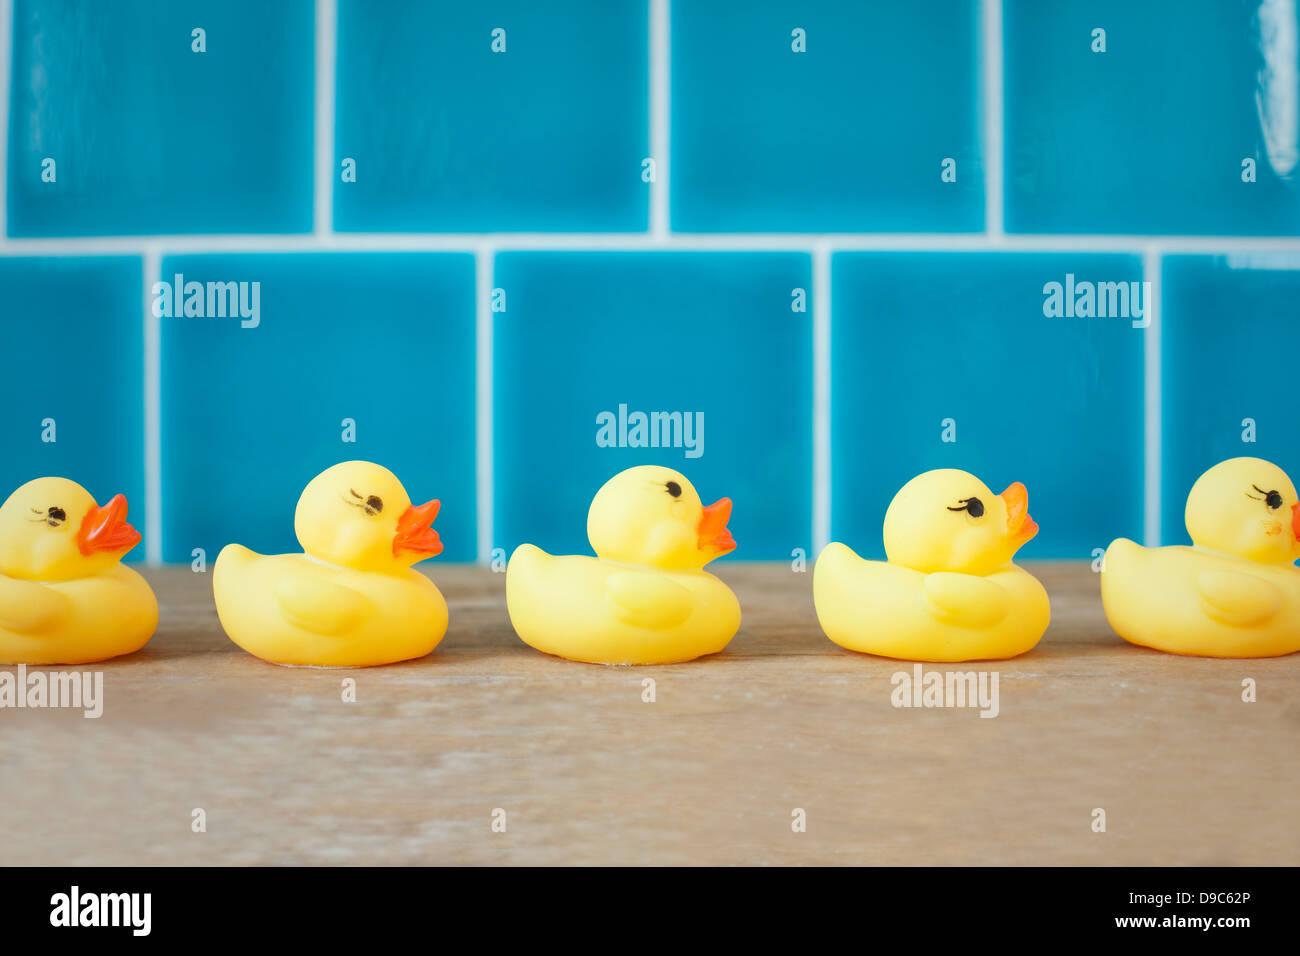 Canards en caoutchouc dans une rangée Photo Stock